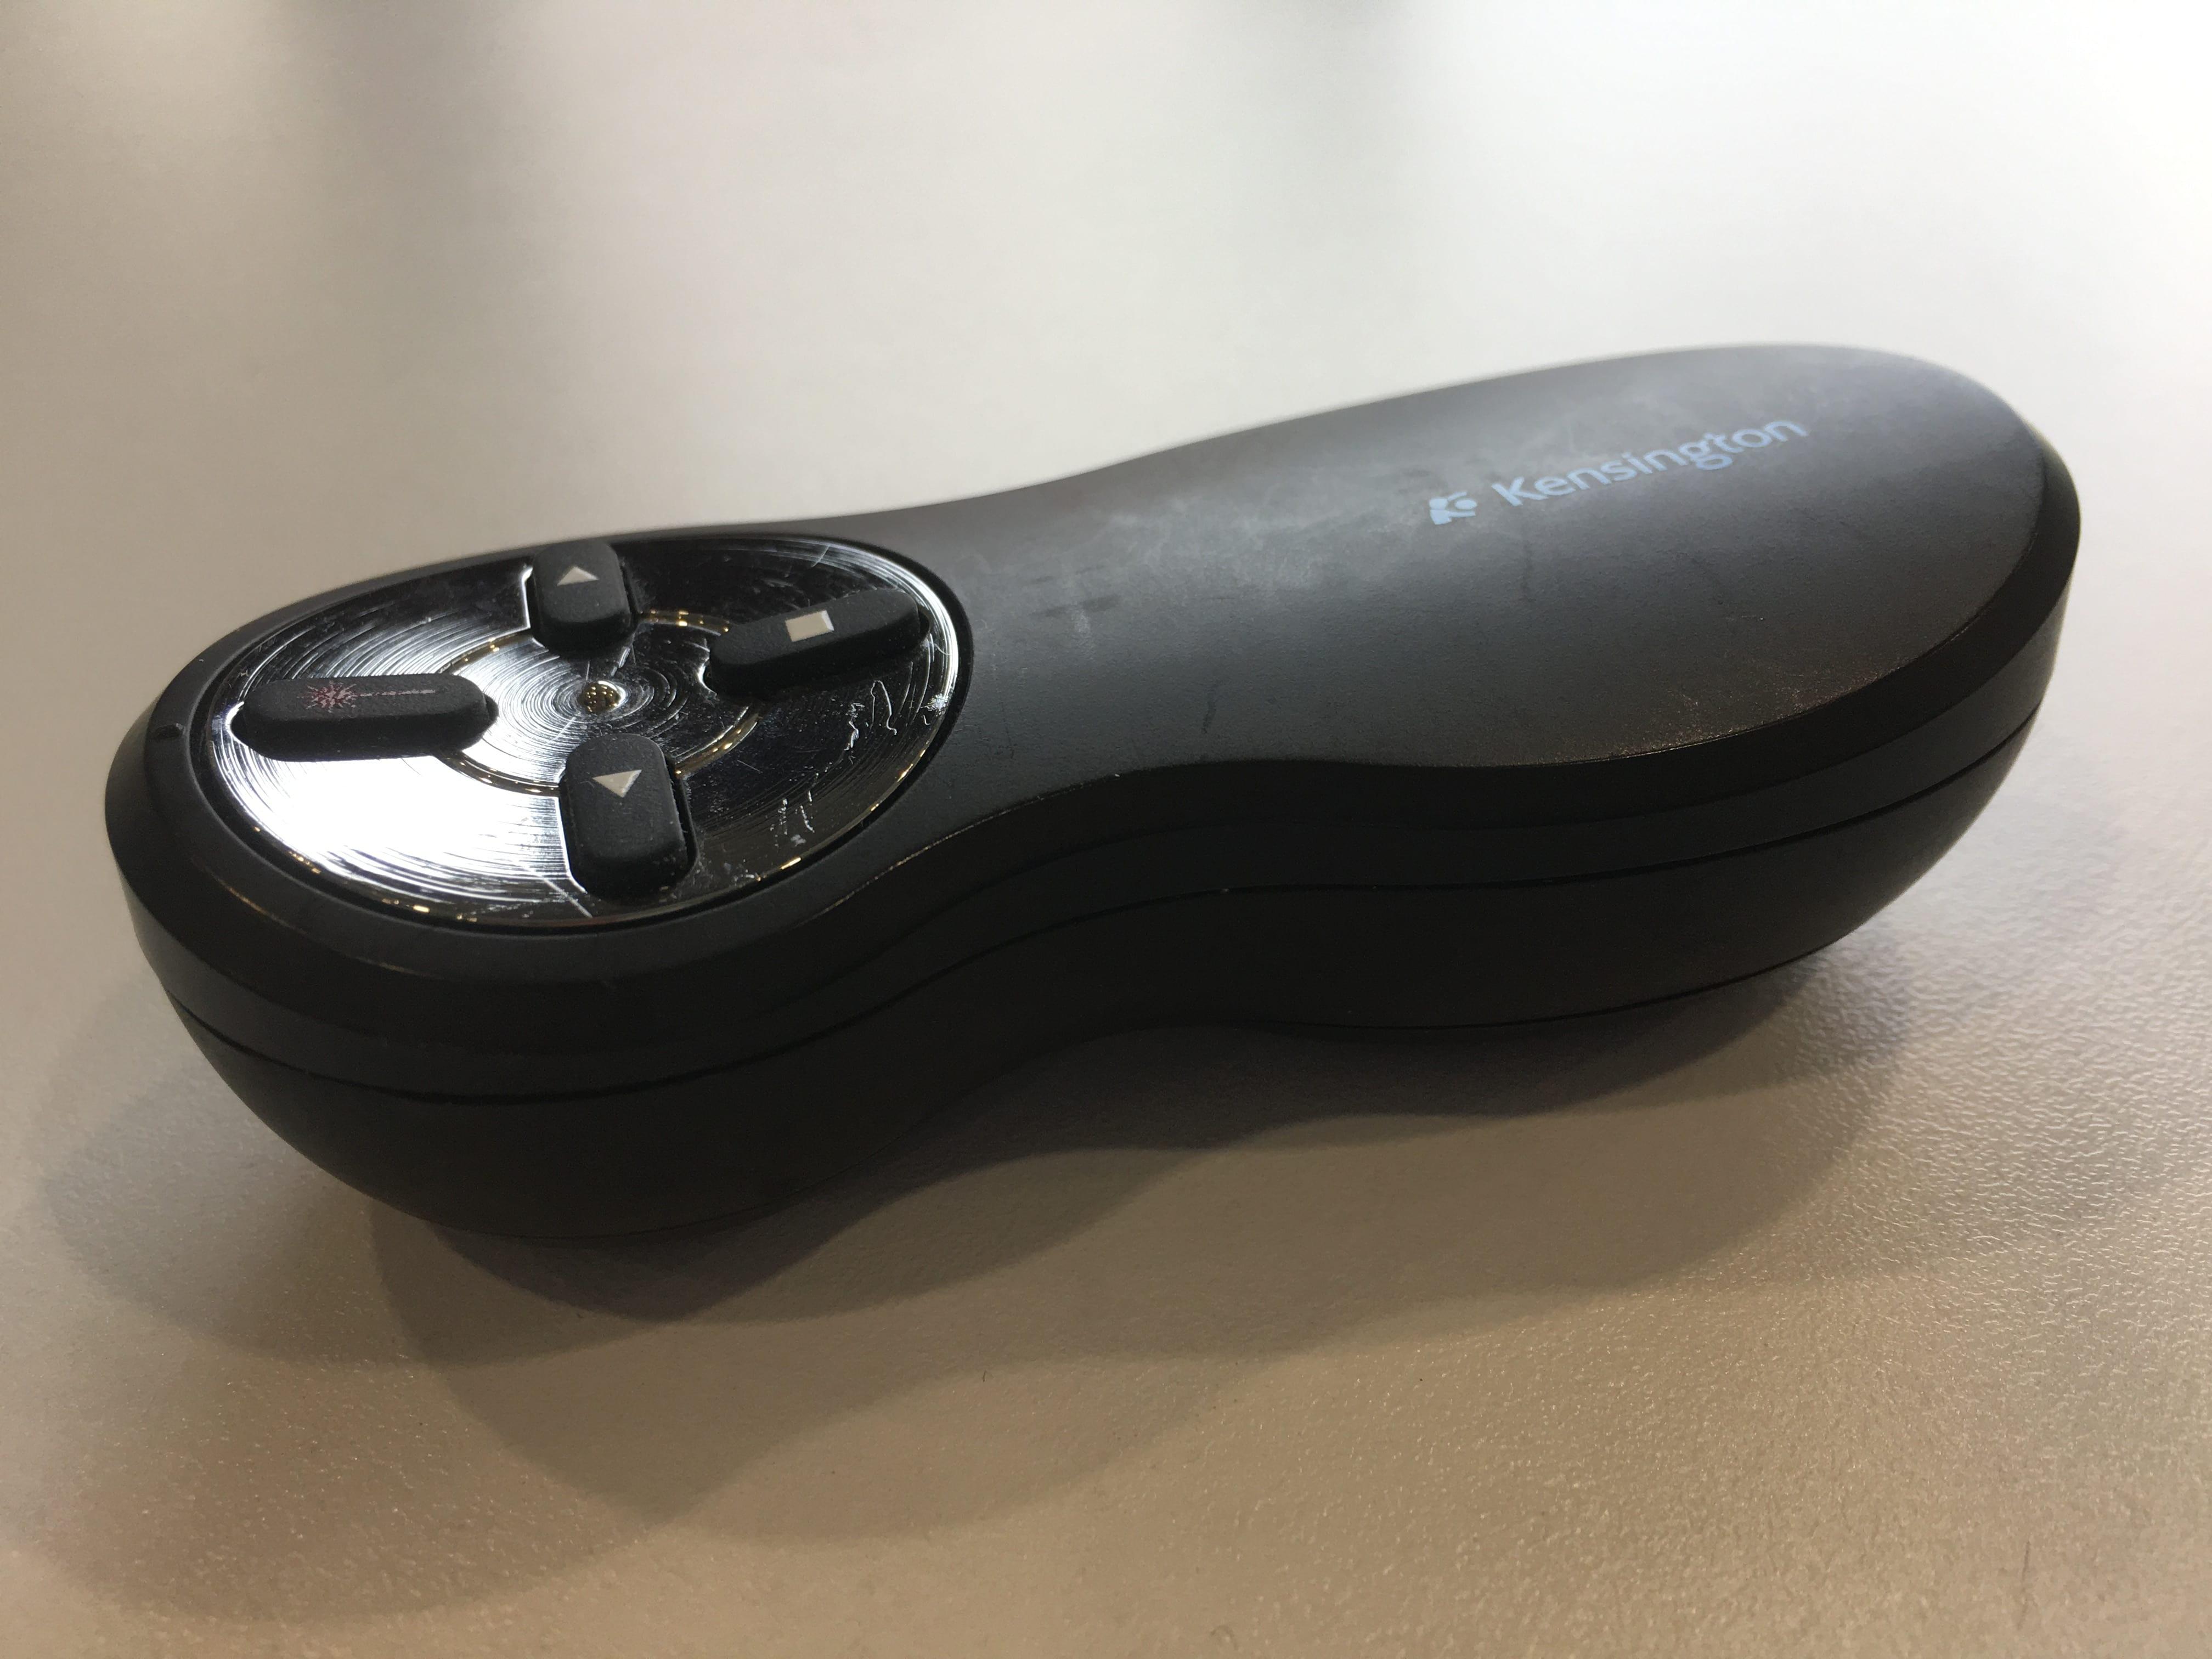 Slide clicker